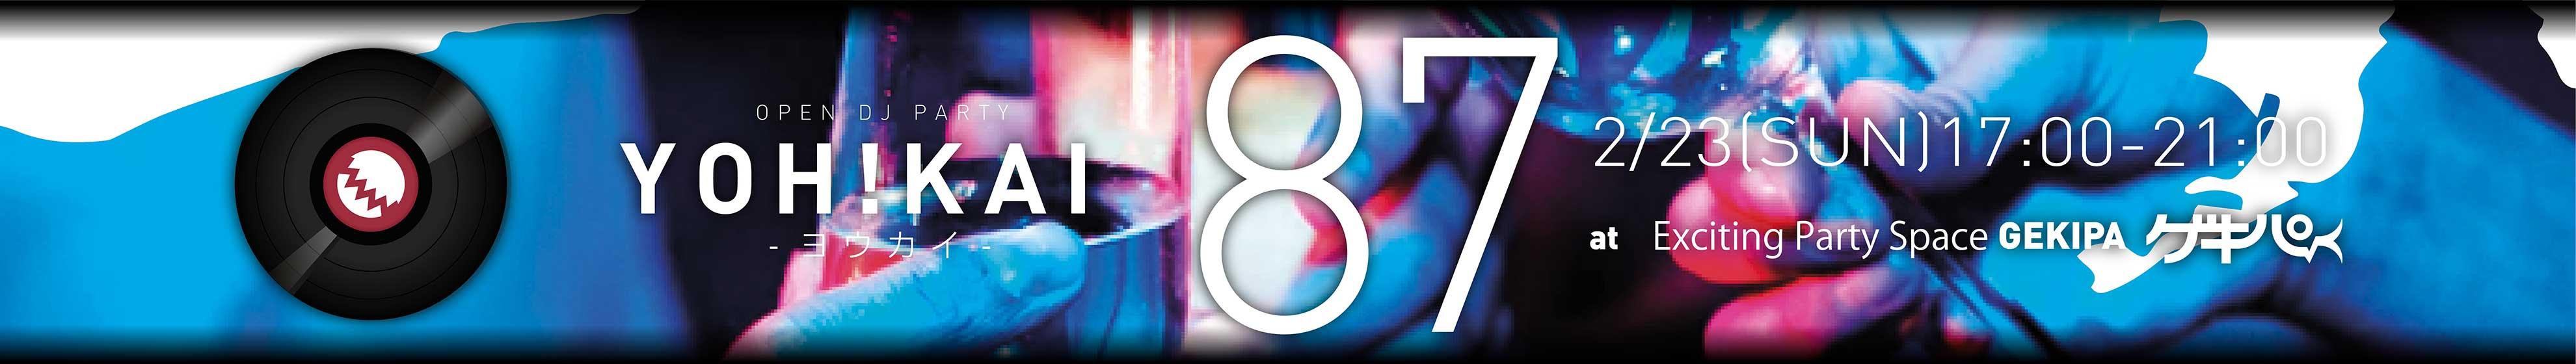 2月23日(日)17時~21時 池袋東口 Exciting Party Space ゲキパにてオープンDJパーティヨウカイ87を開催いたします